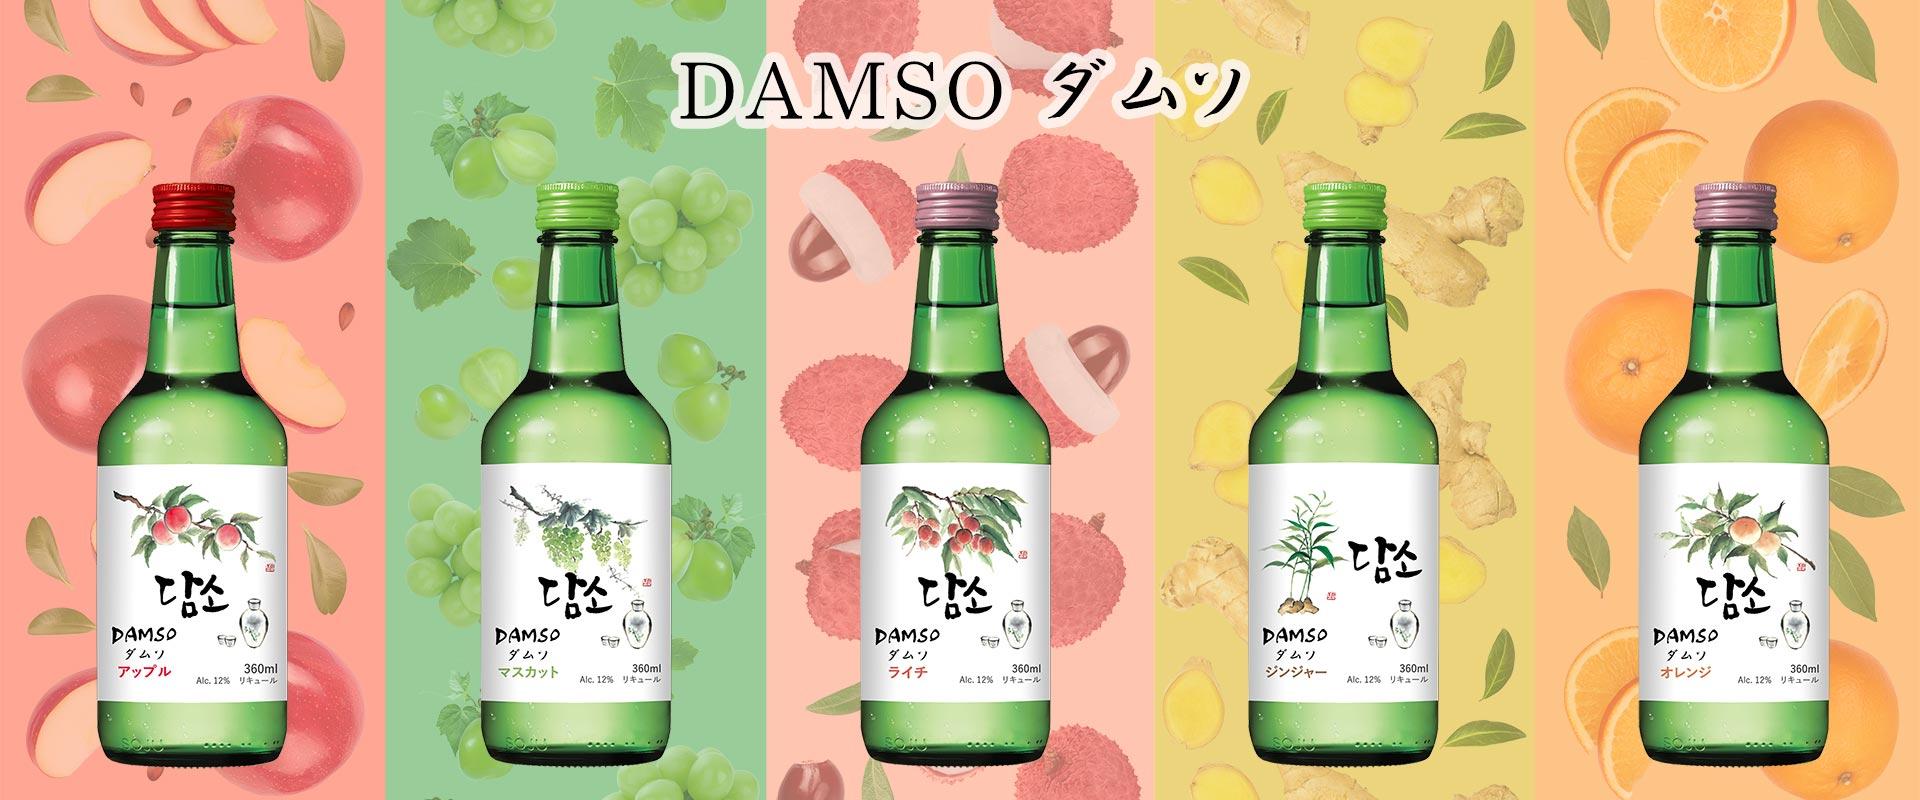 ダムソ(DAMSO)フレーバー焼酎(SOJU)